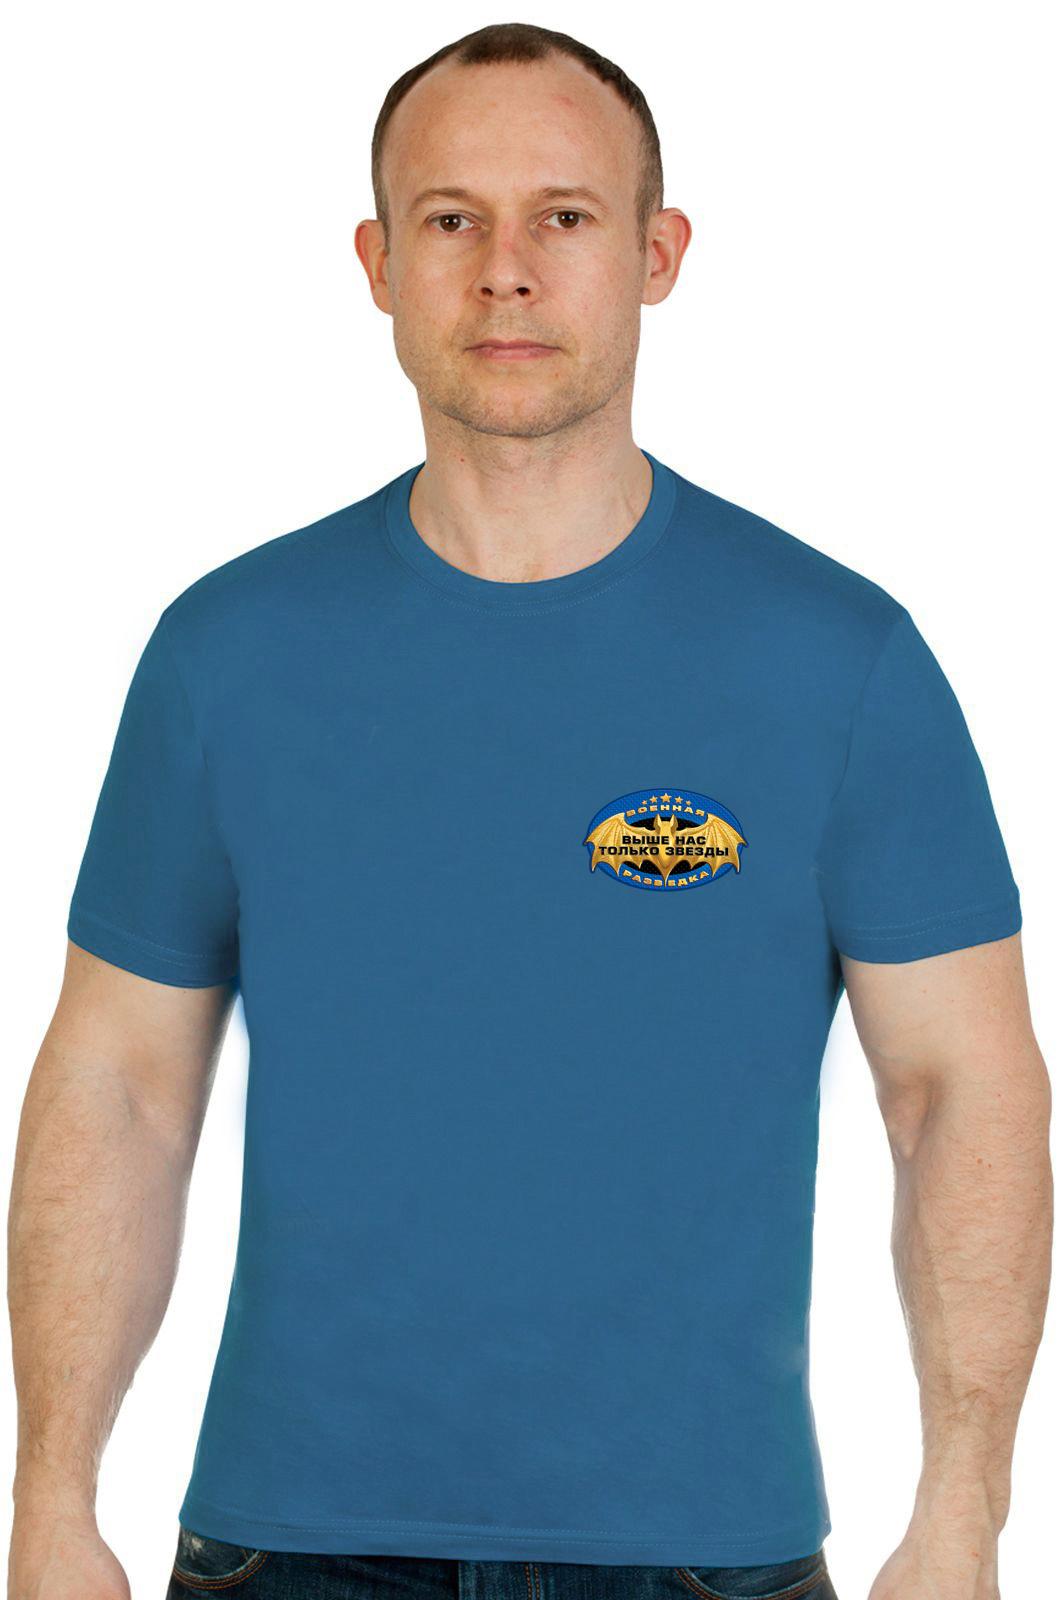 Купить футболку с эффектным символом разведчика онлайн